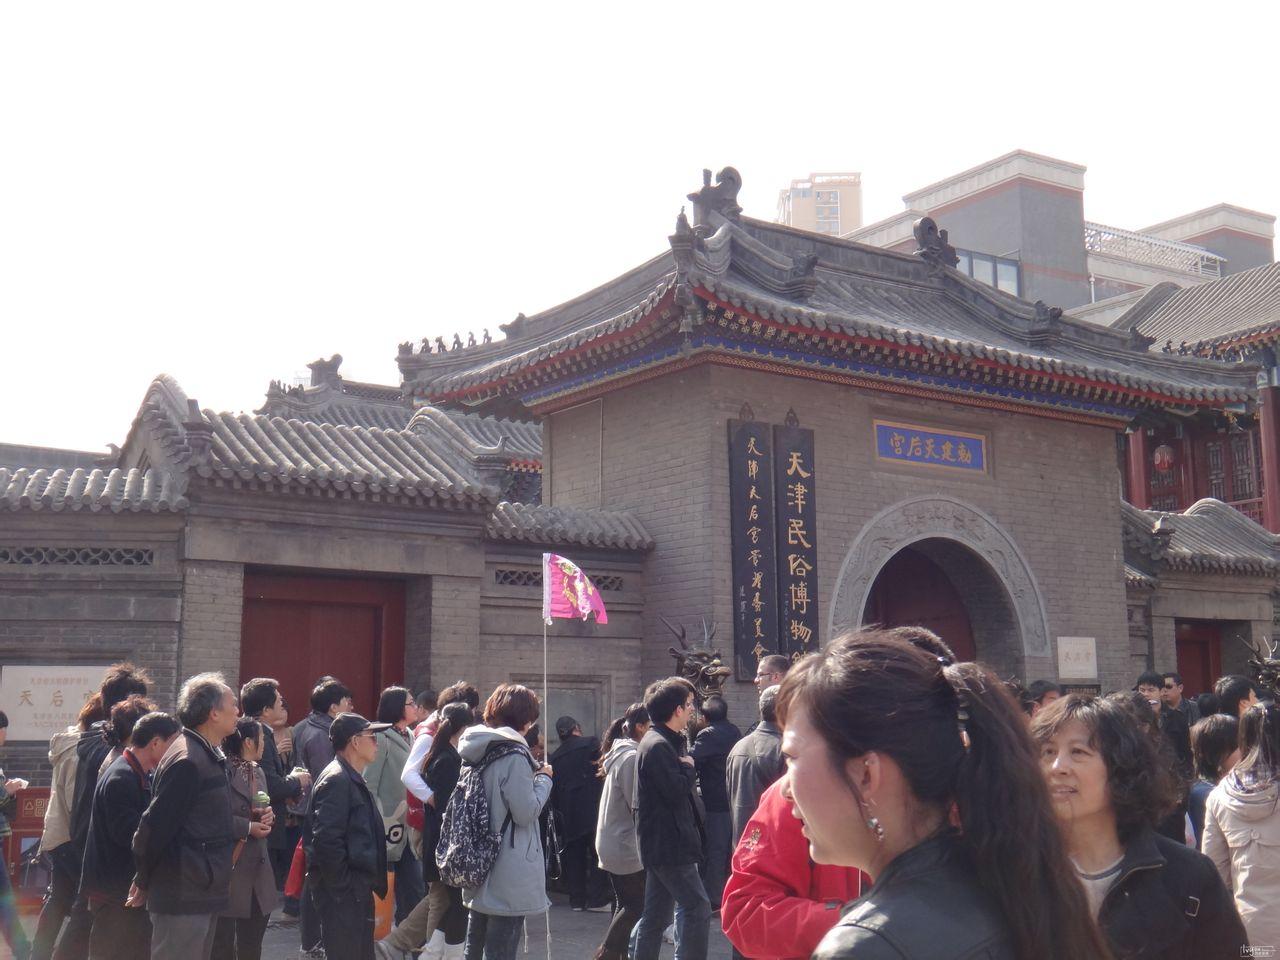 天津民俗博物馆,在古文化街附近图片